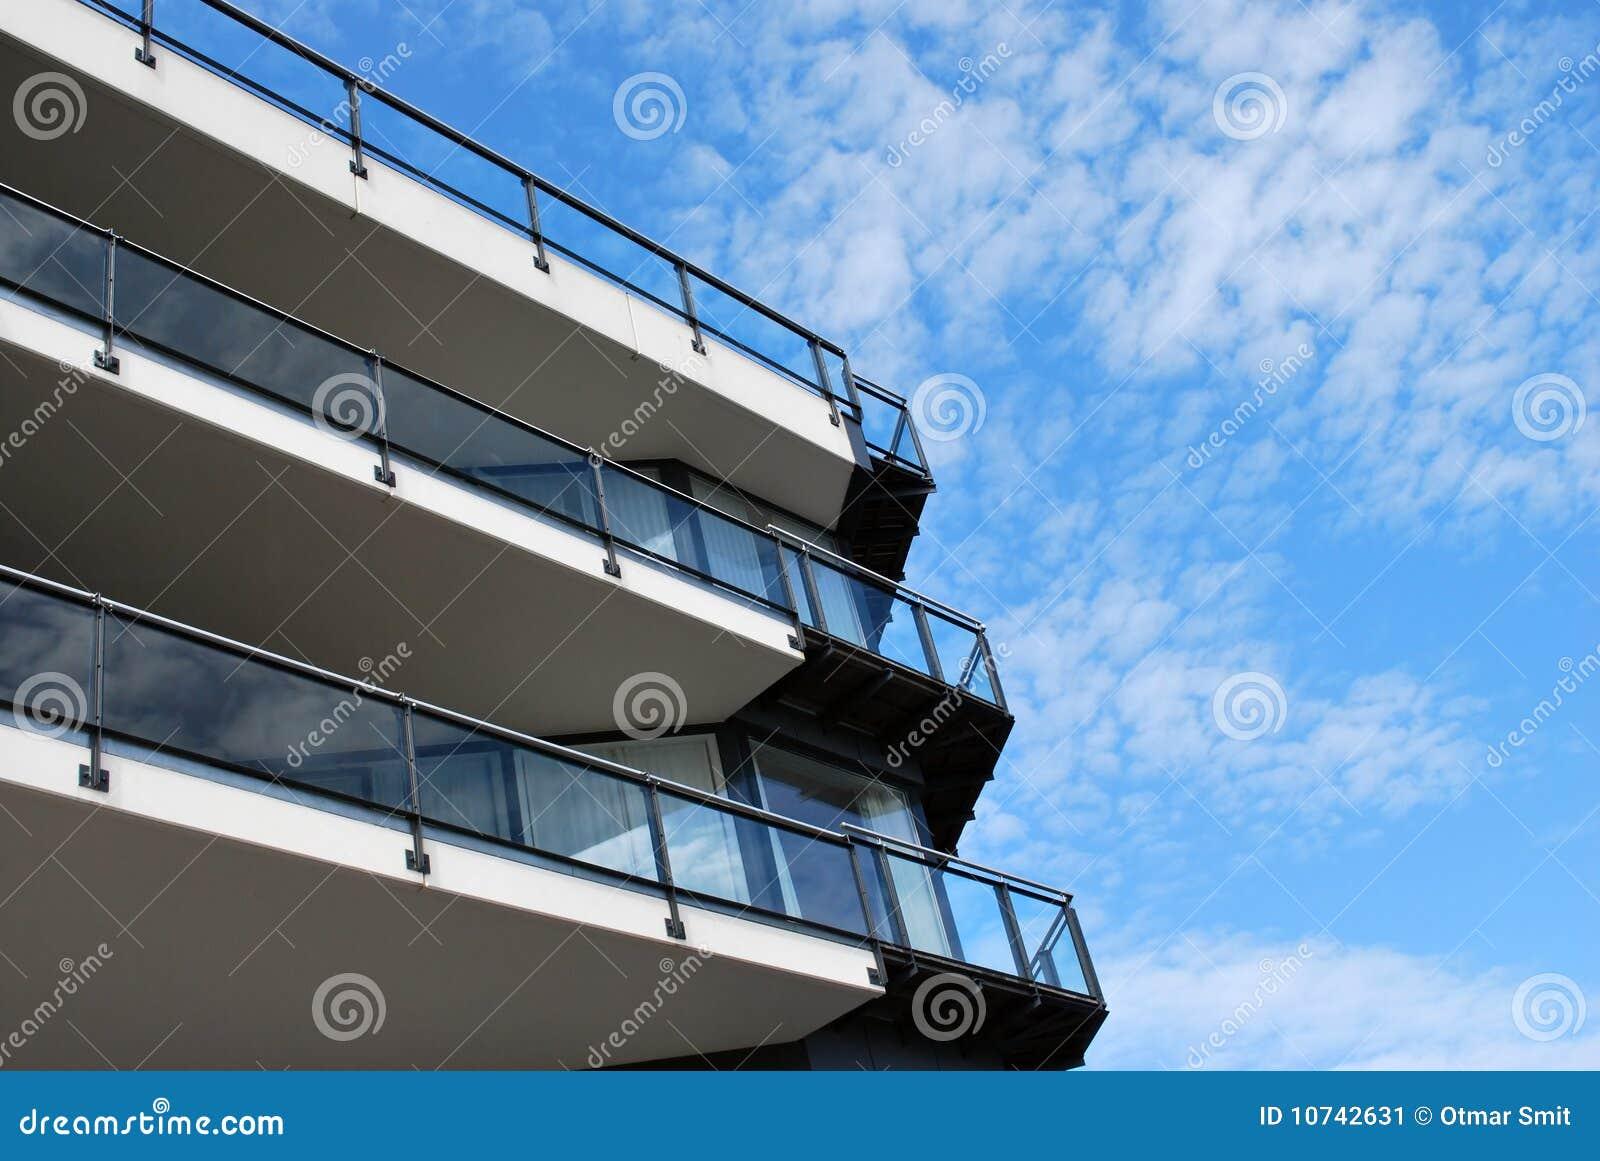 Edifício Balconied